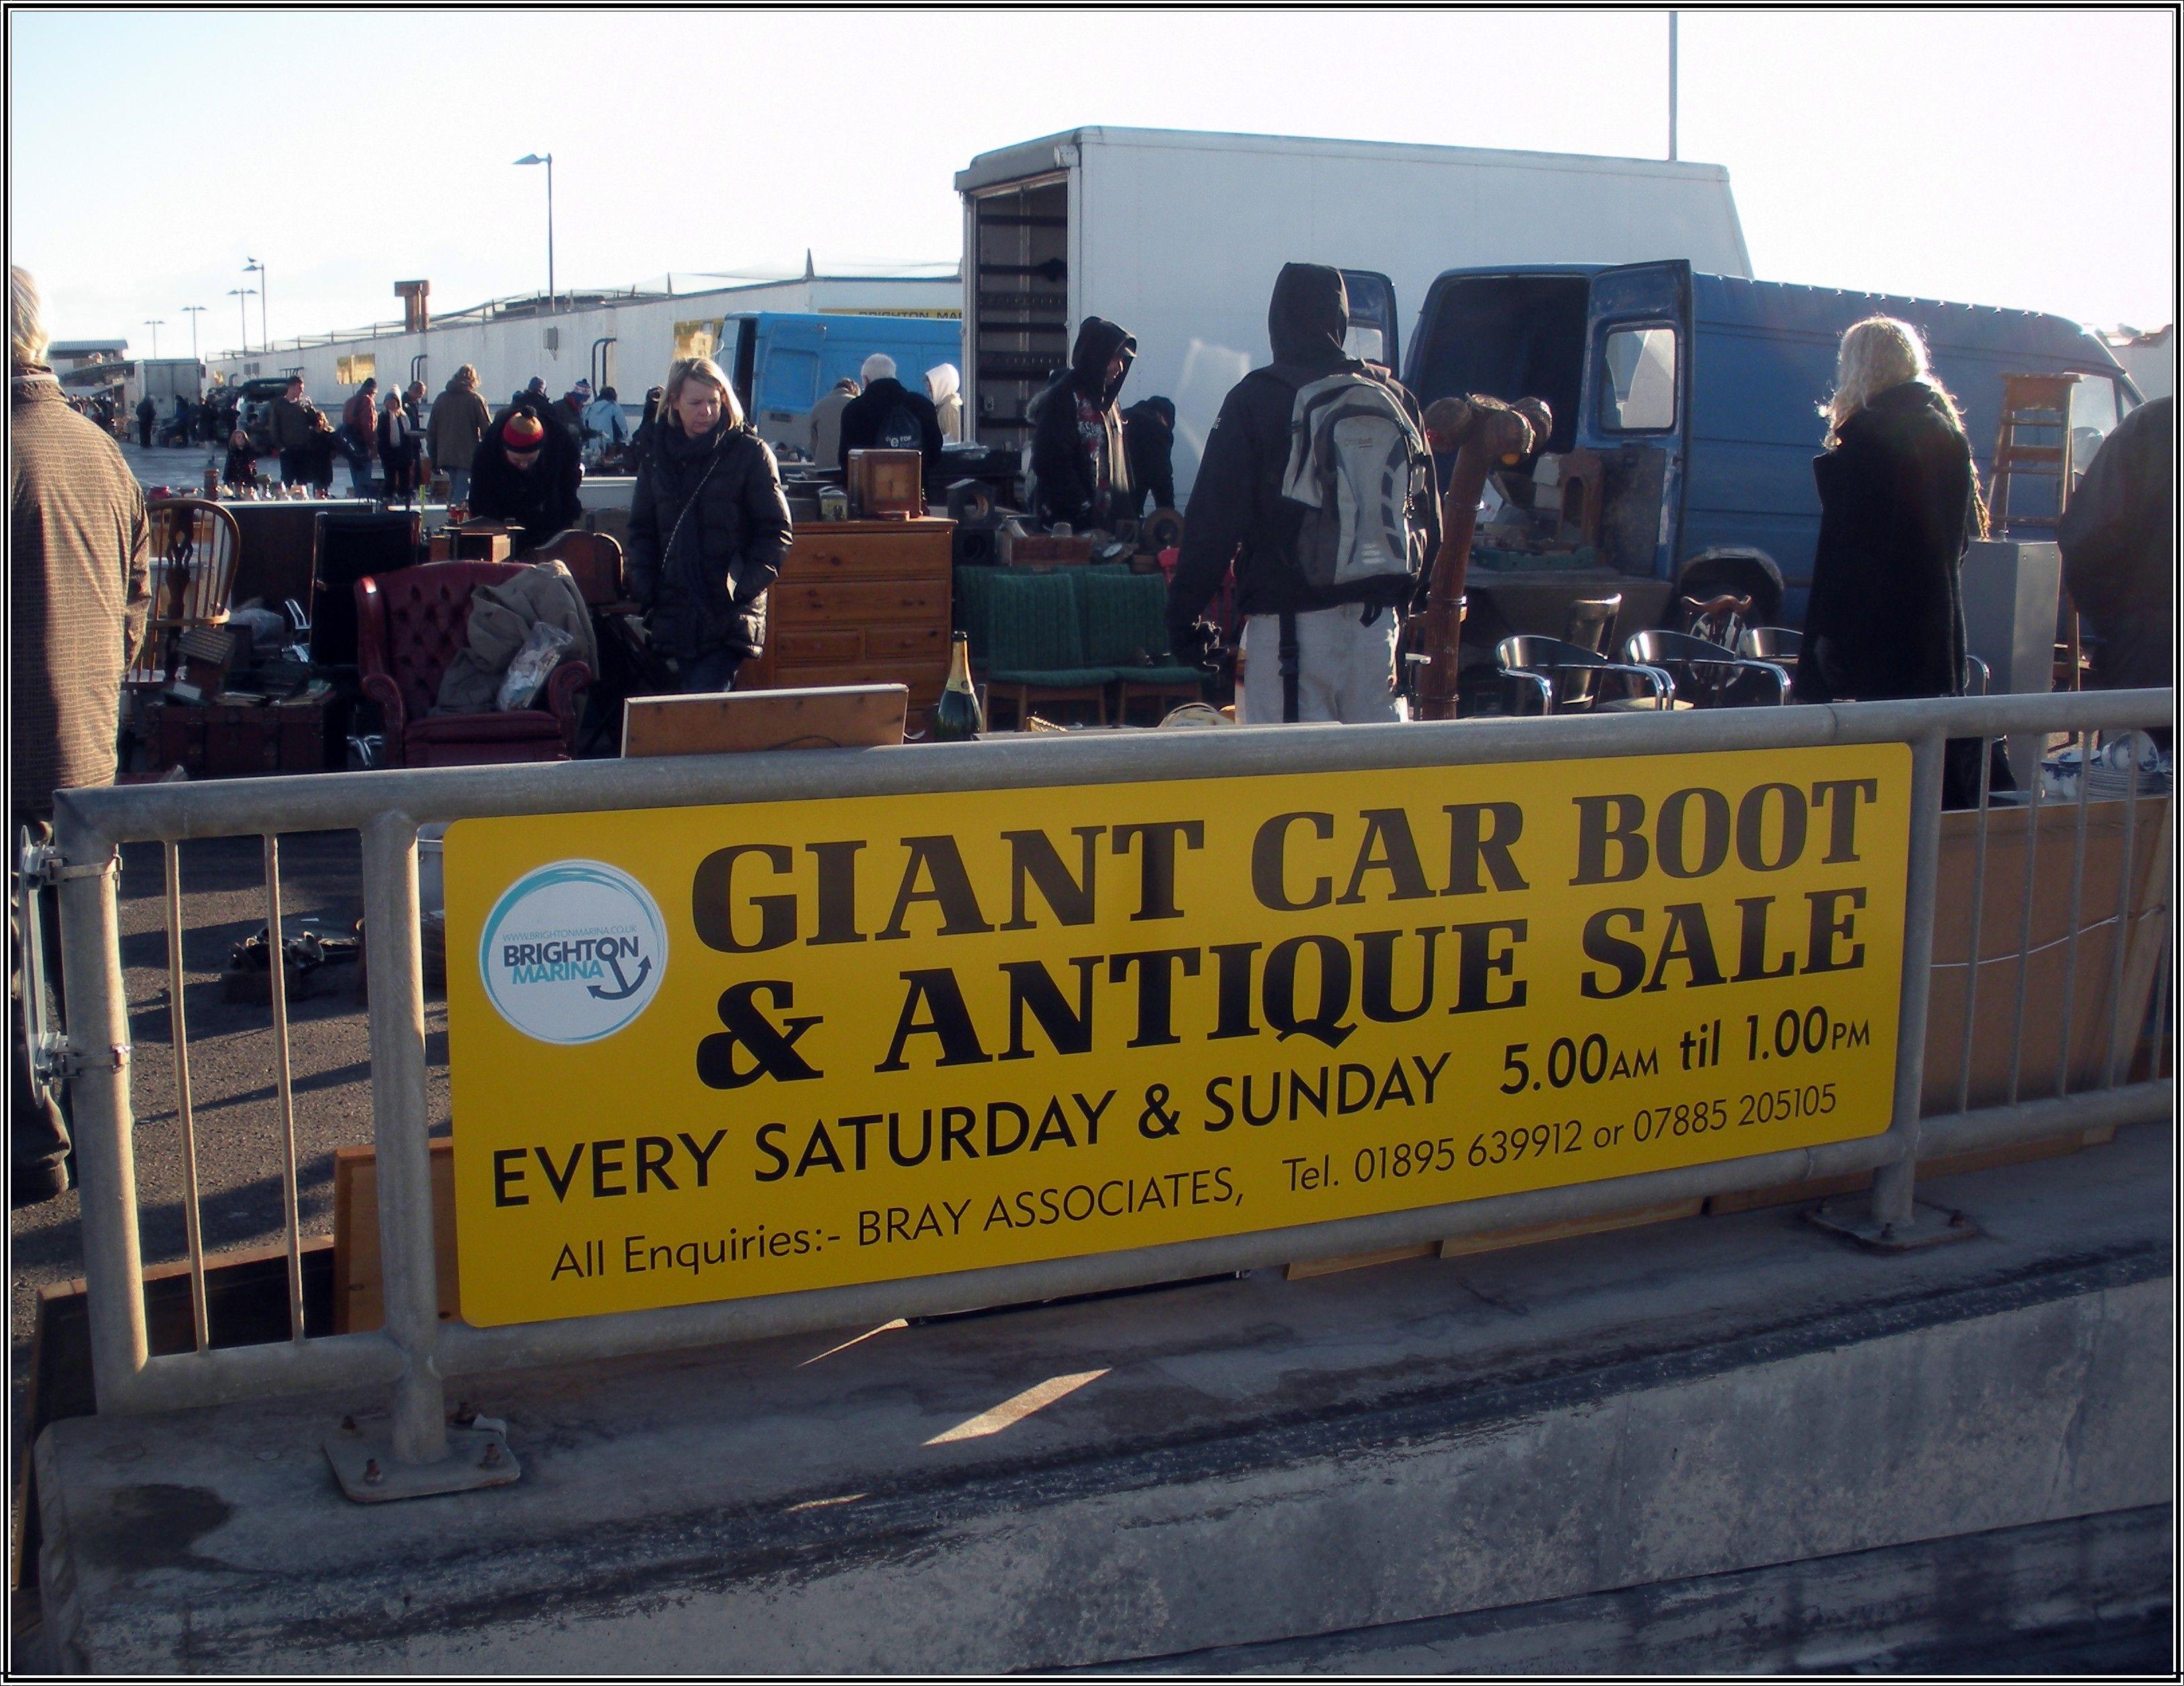 Brighton Marina Car Boot Fair Brighton Marina Car Boot Car Boot Sale